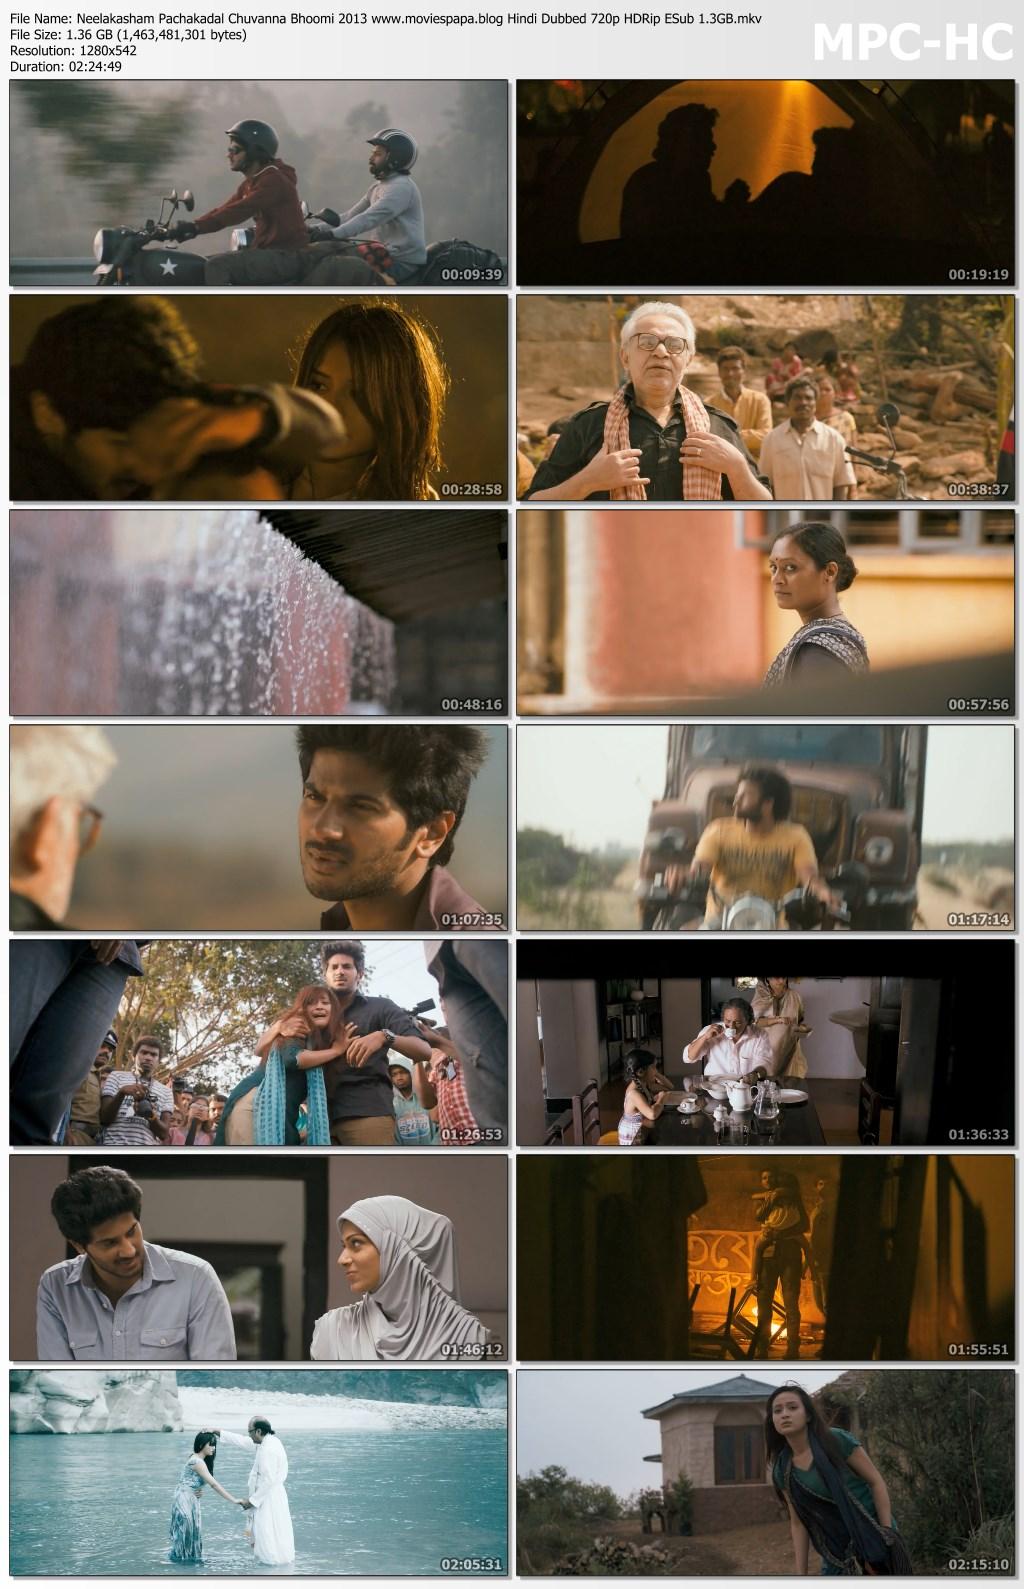 Neelakasham Pachakadal Chuvanna Bhoomi 2013 screenshot HDMoviesFair